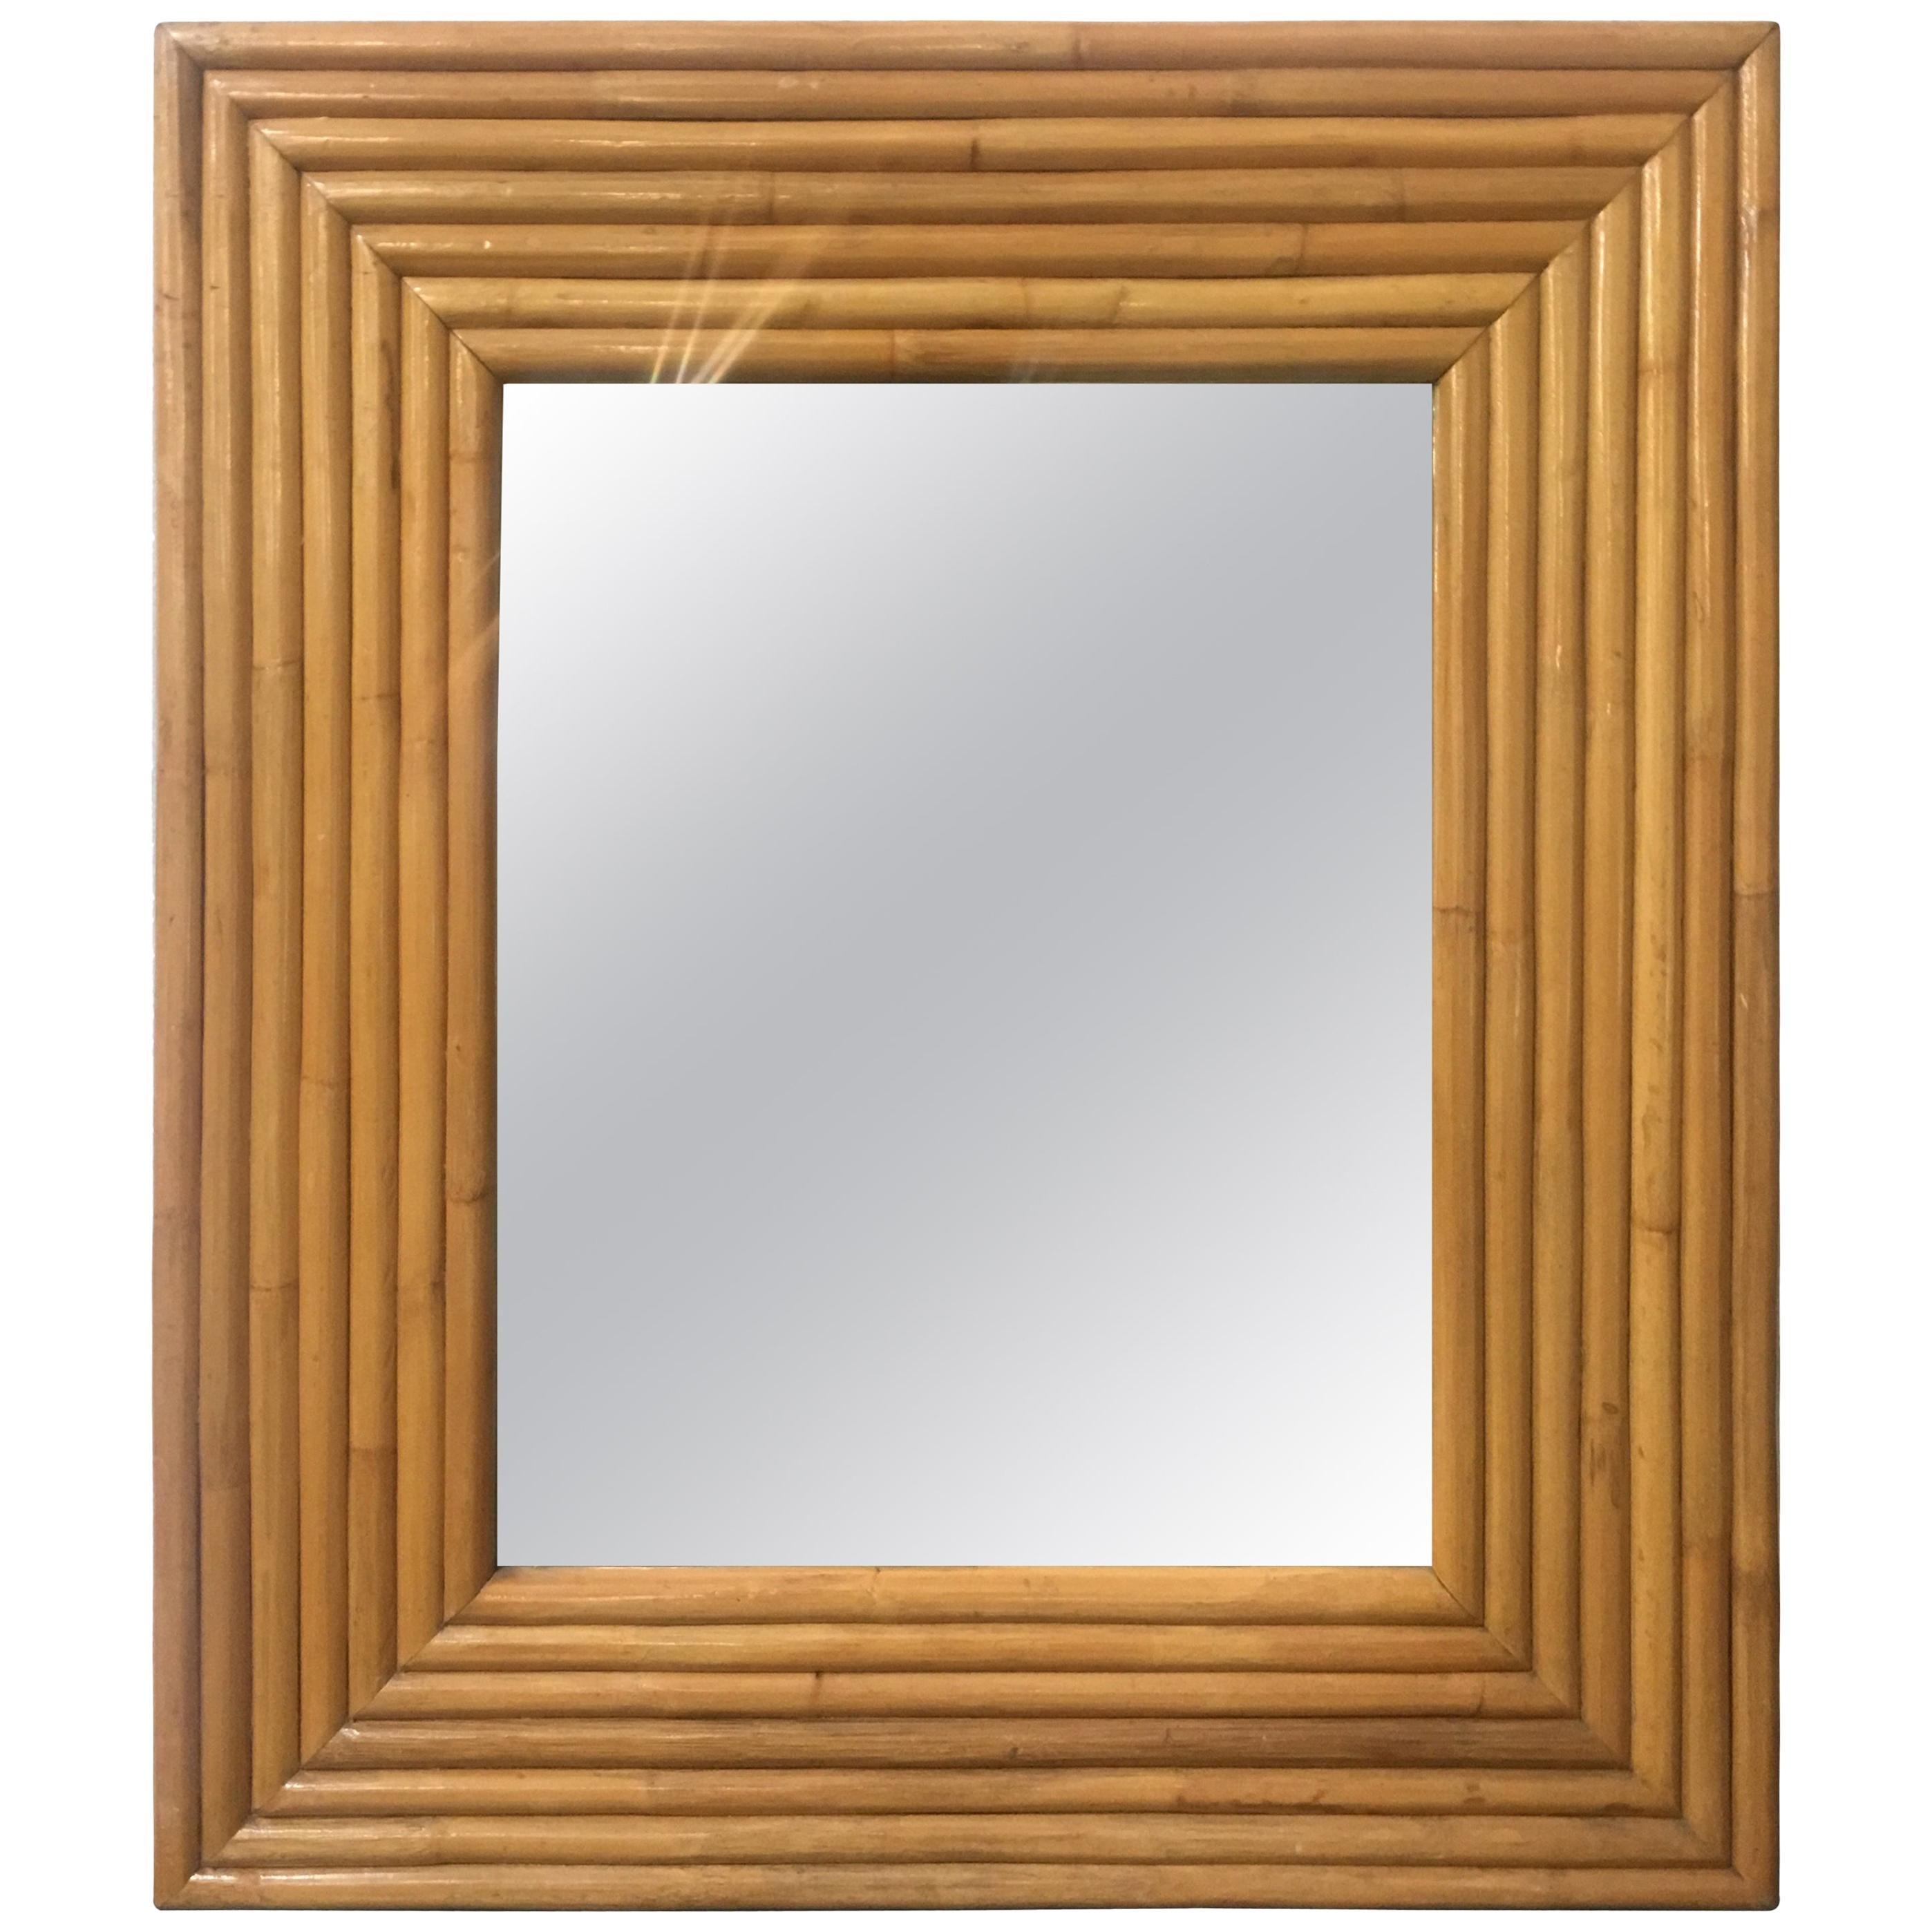 1940s Seven-Strand Square Rattan Mirror, circa 1948 Unused